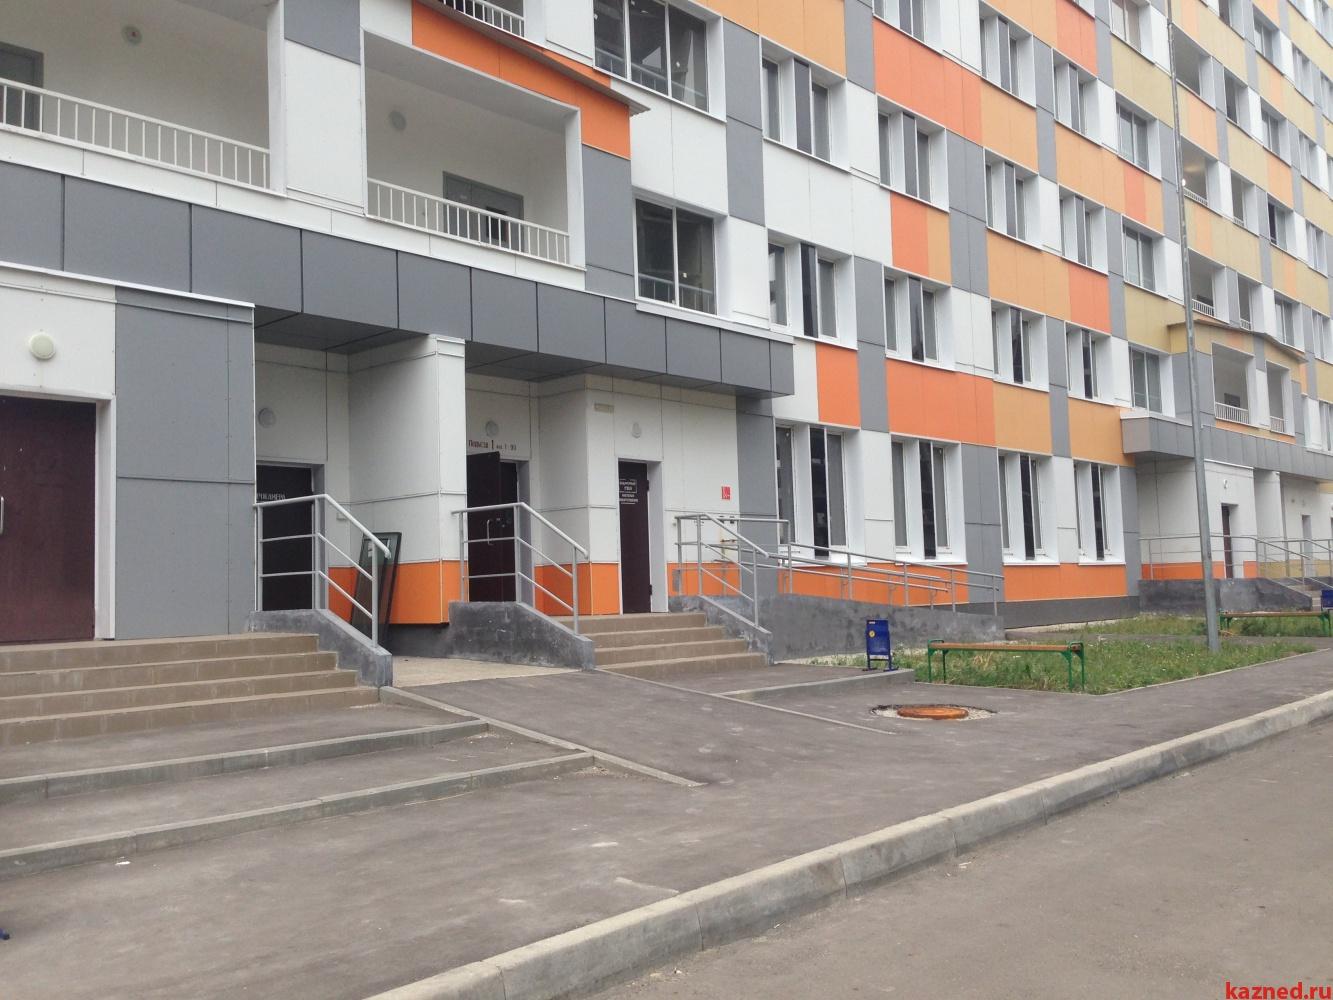 Продажа 1-к квартиры Павлюхина, 112, 45 м²  (миниатюра №19)